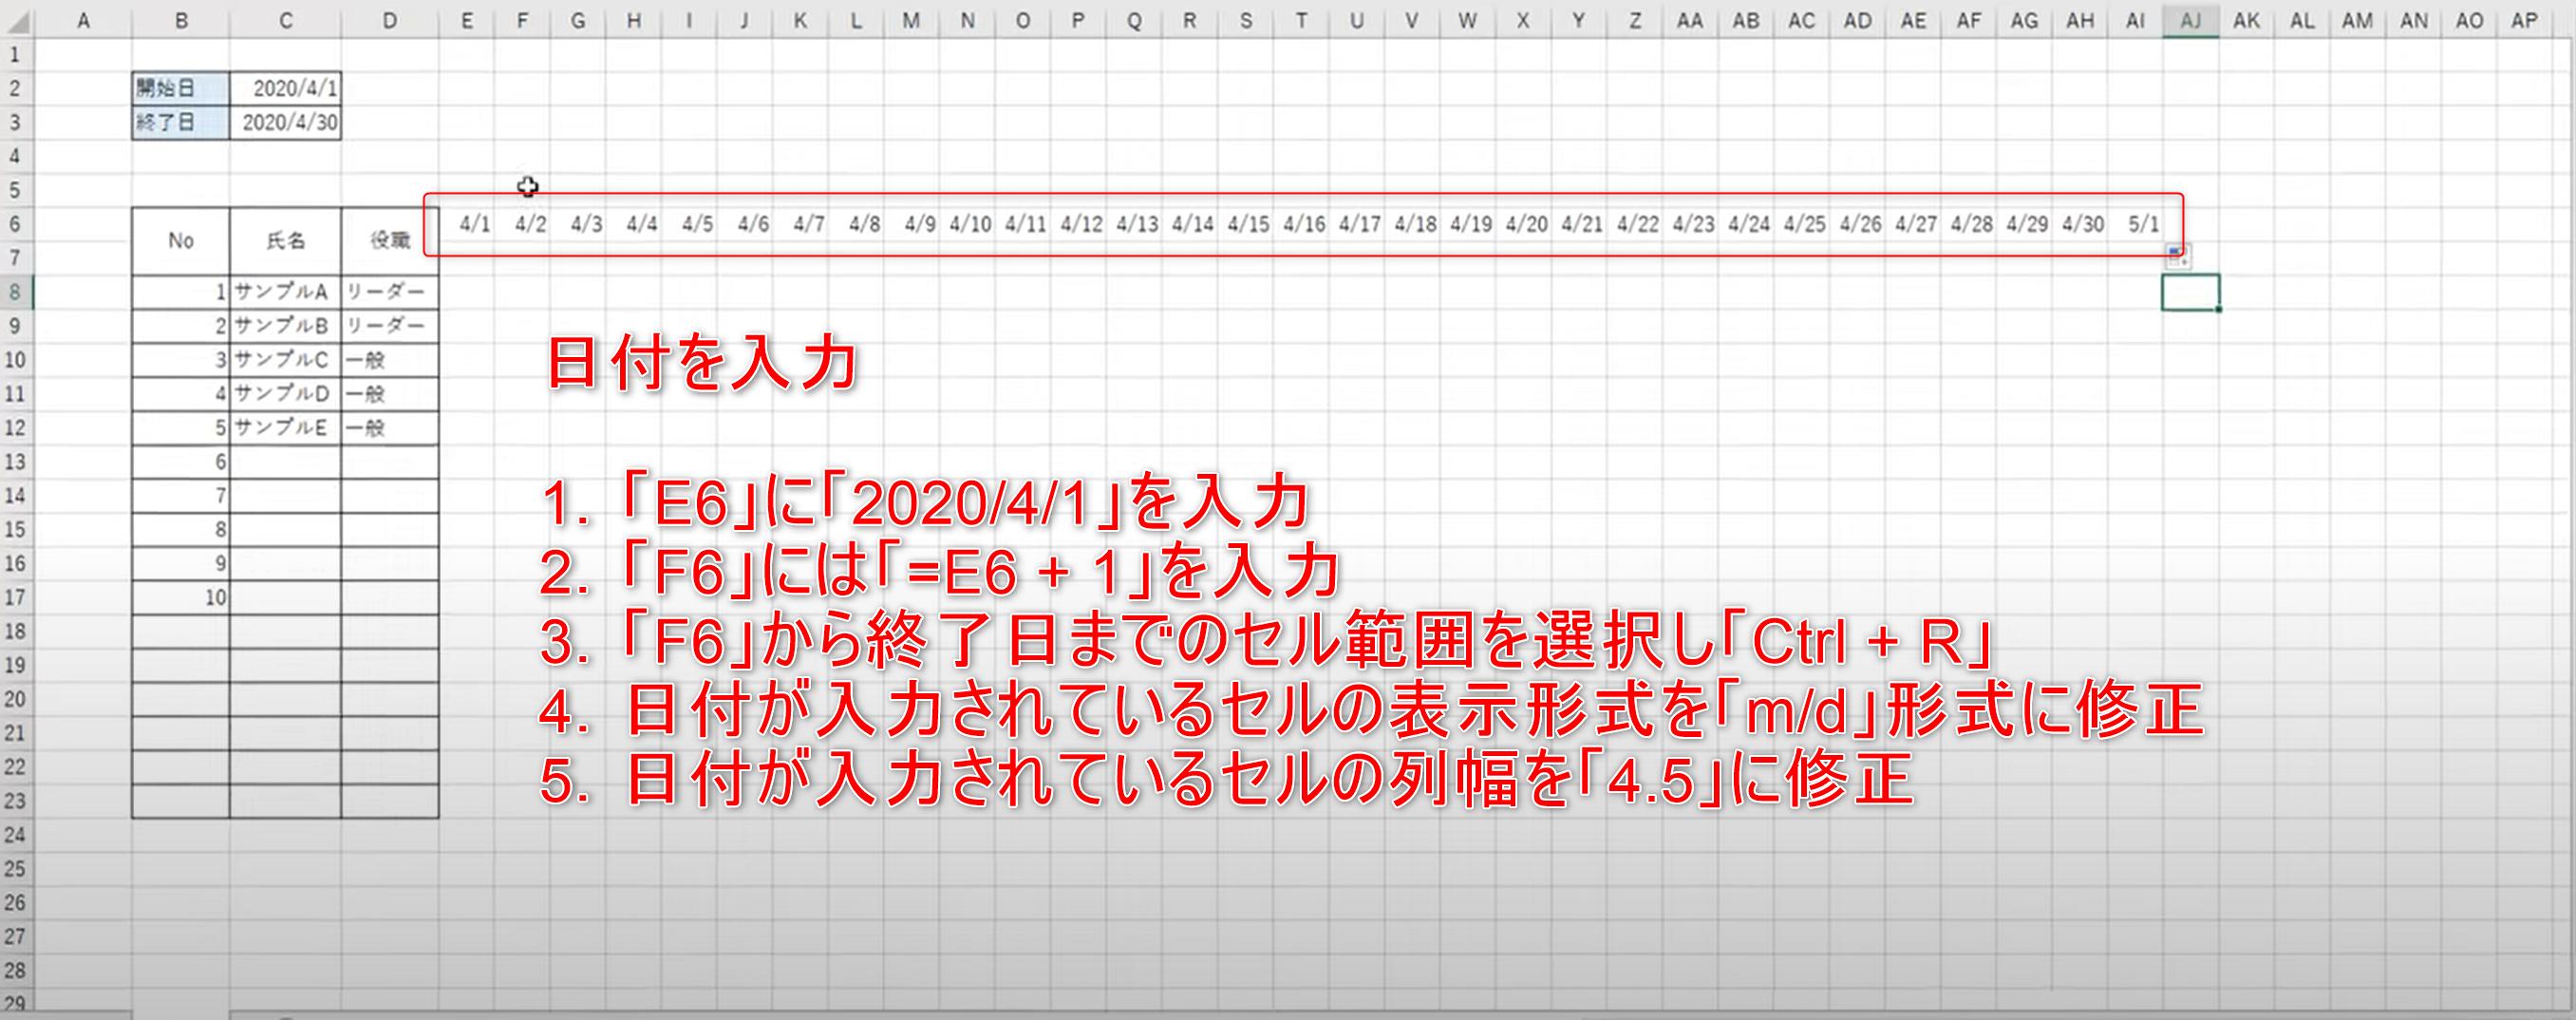 Excelシフト表動画解説記事06